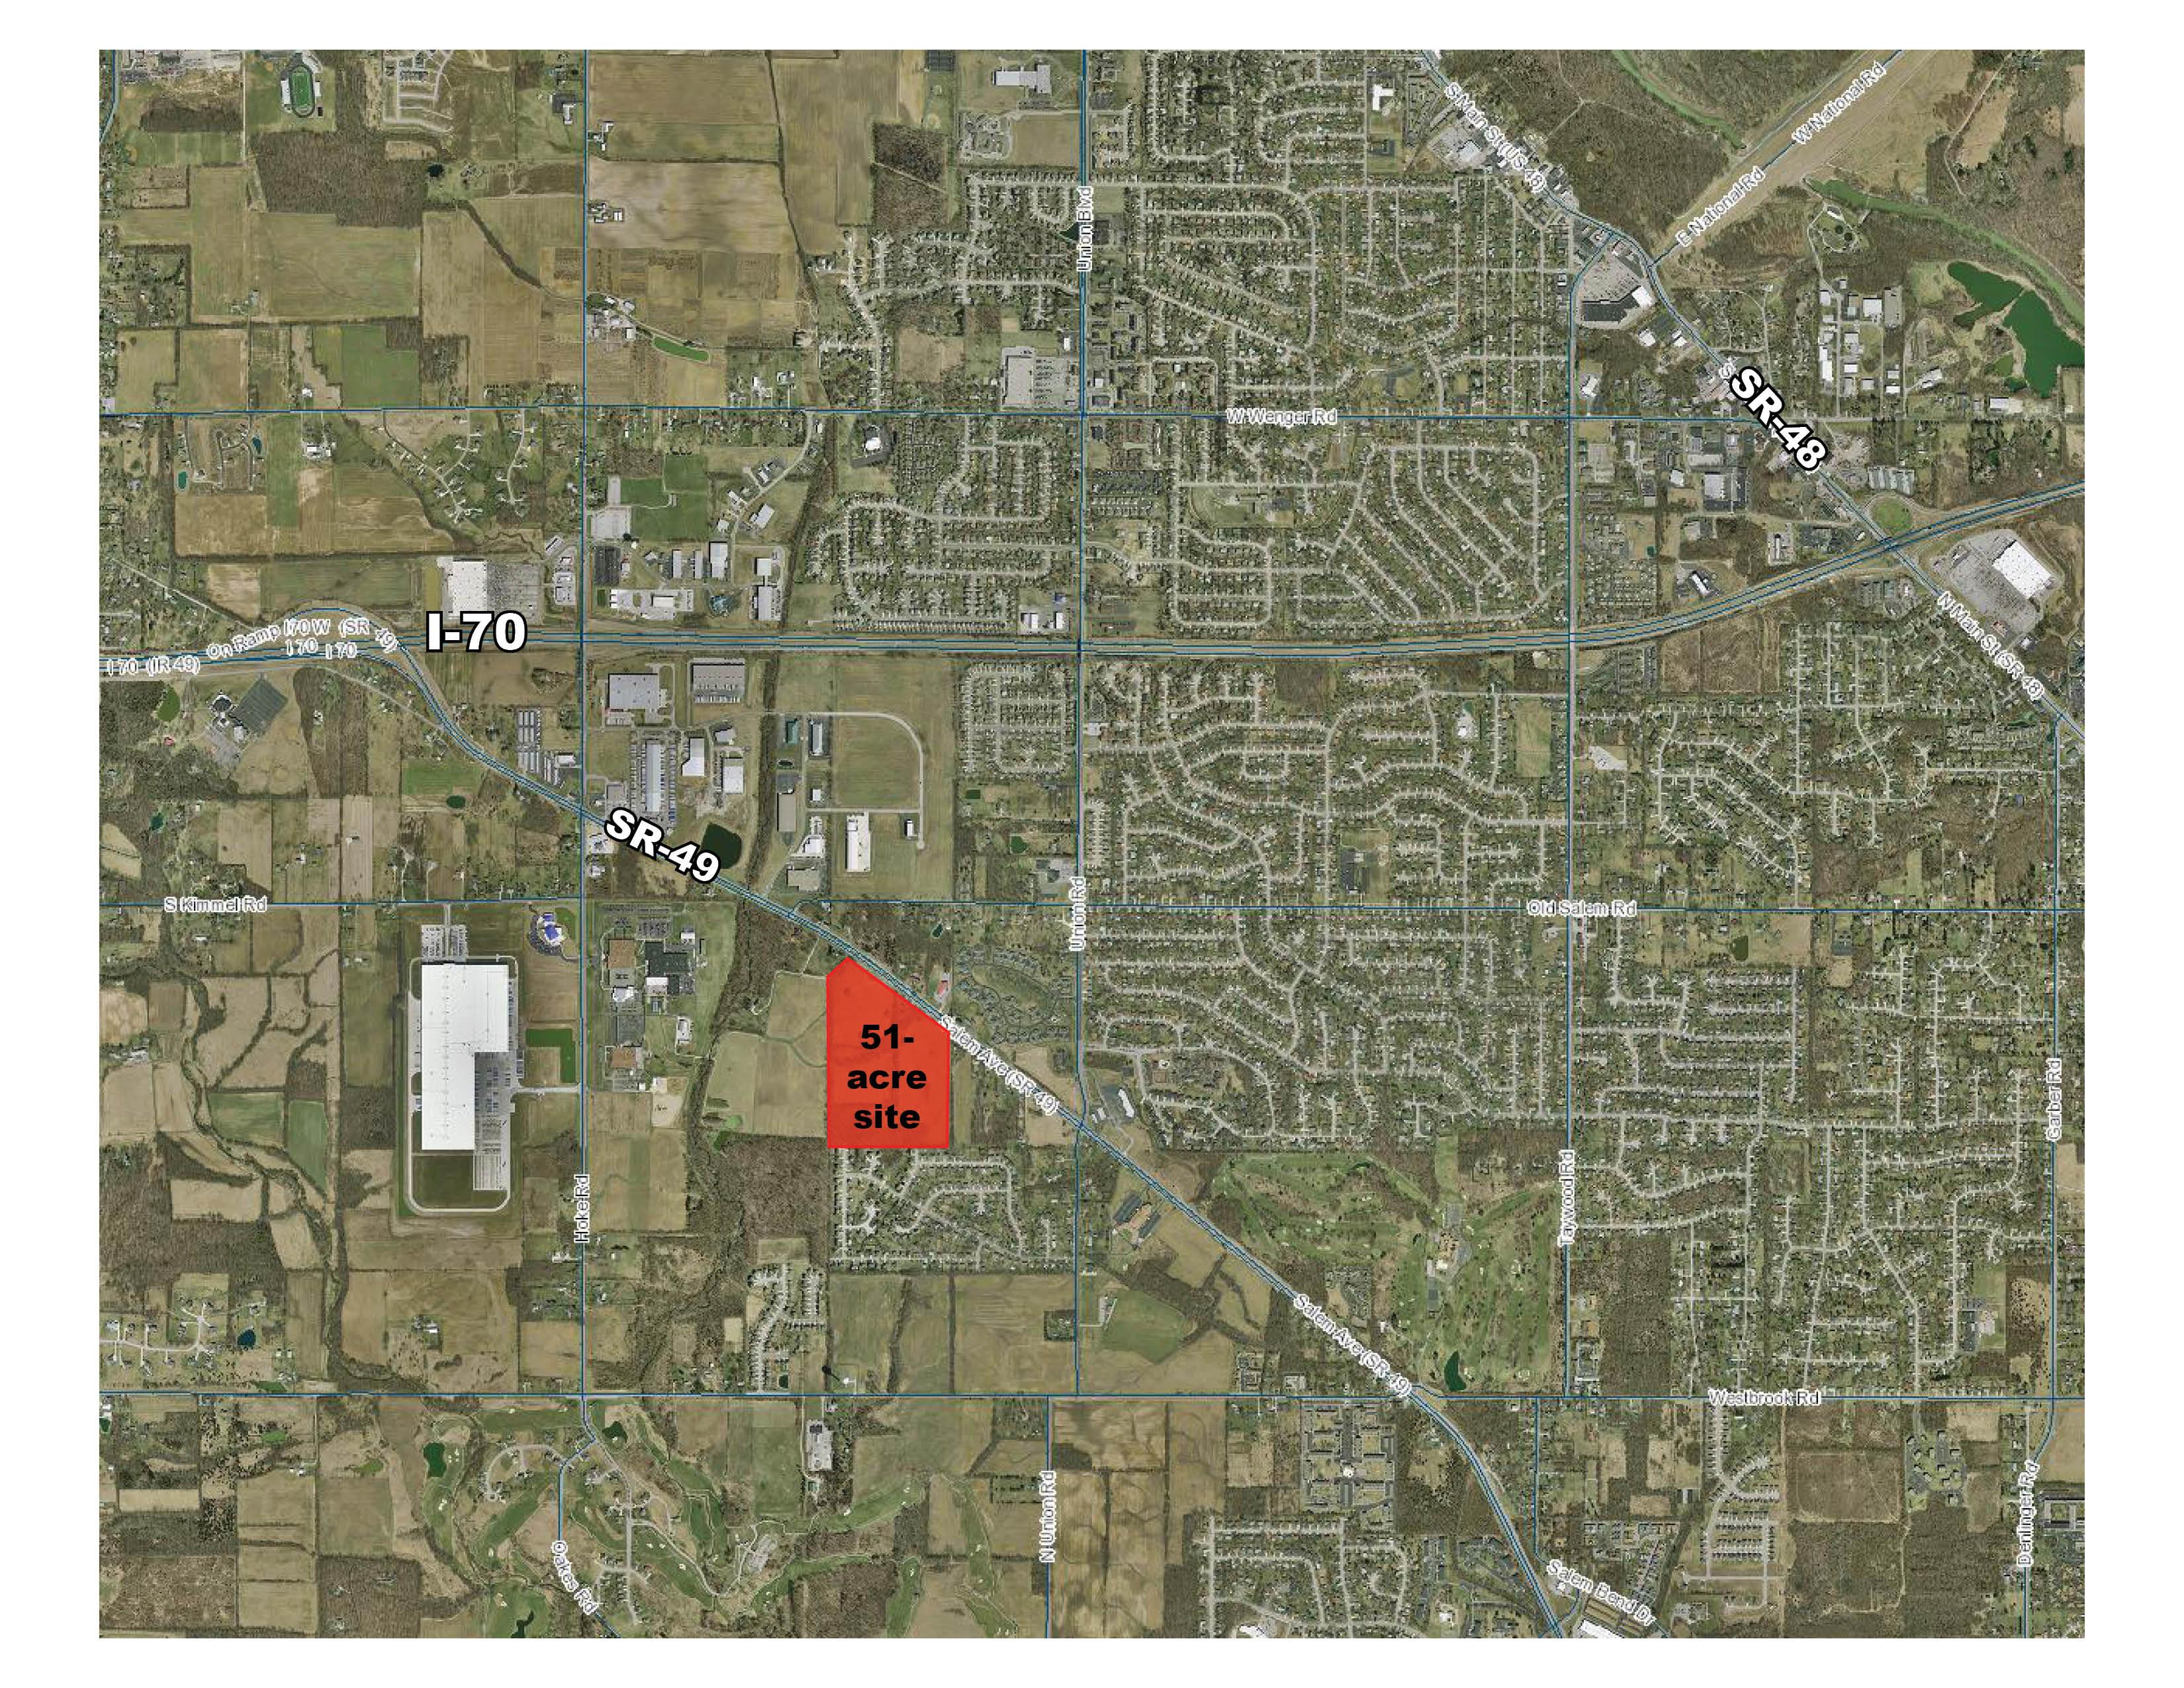 Route 49 - 51 acres